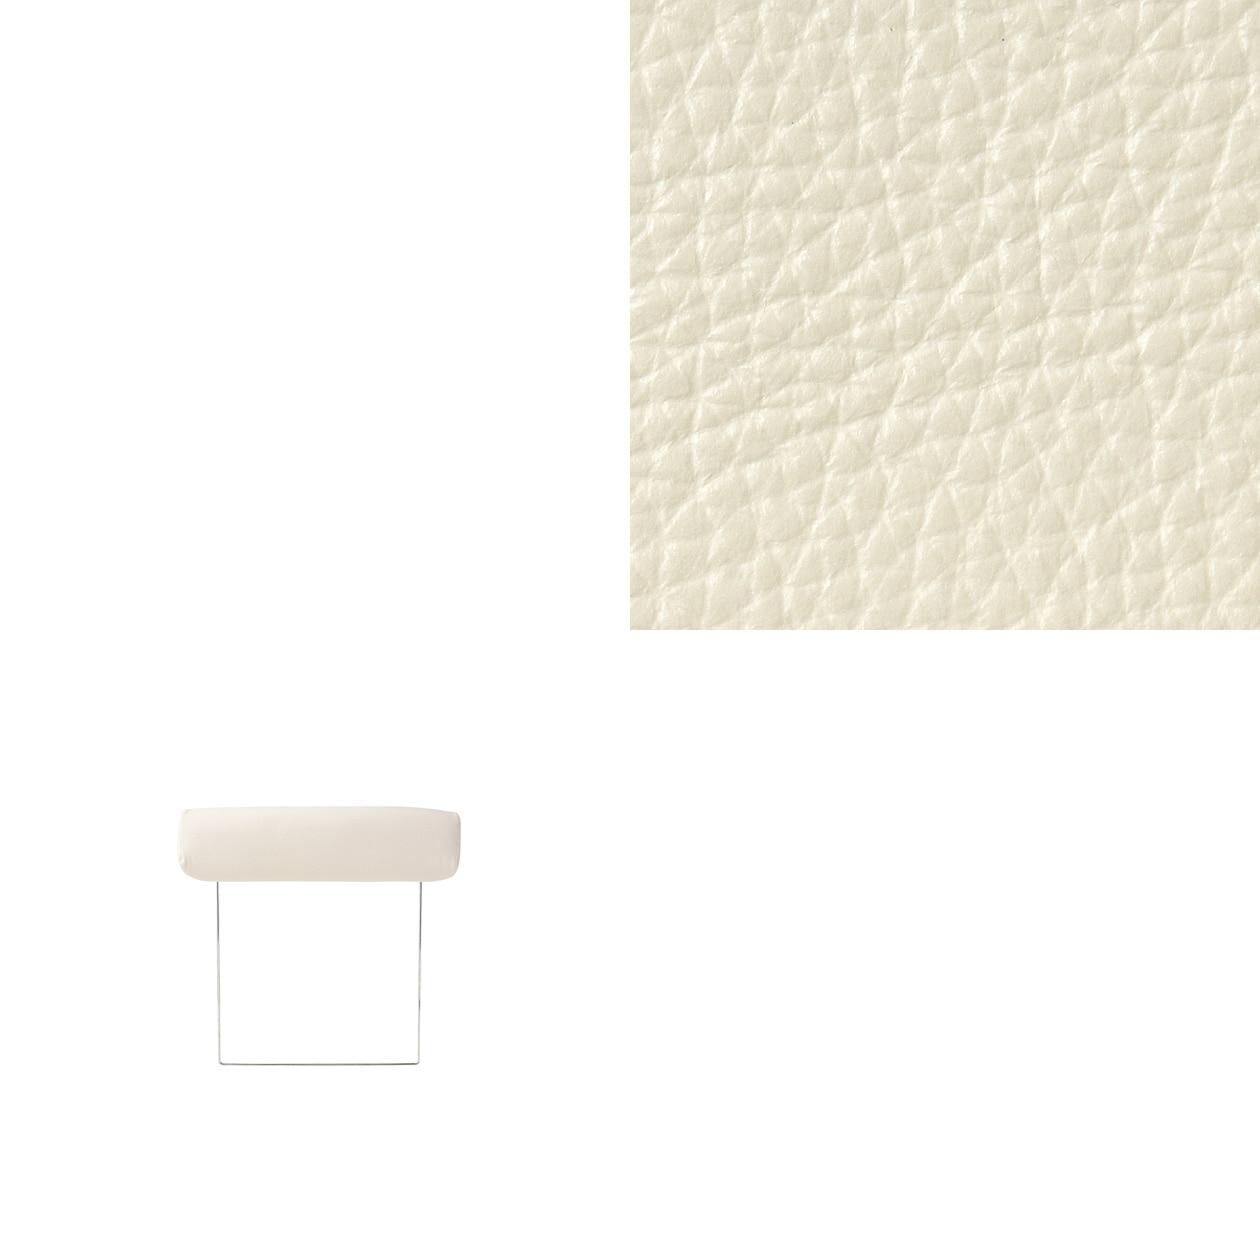 ソファ本体・ヘッドレスト・2.5シーター用革カバー/白